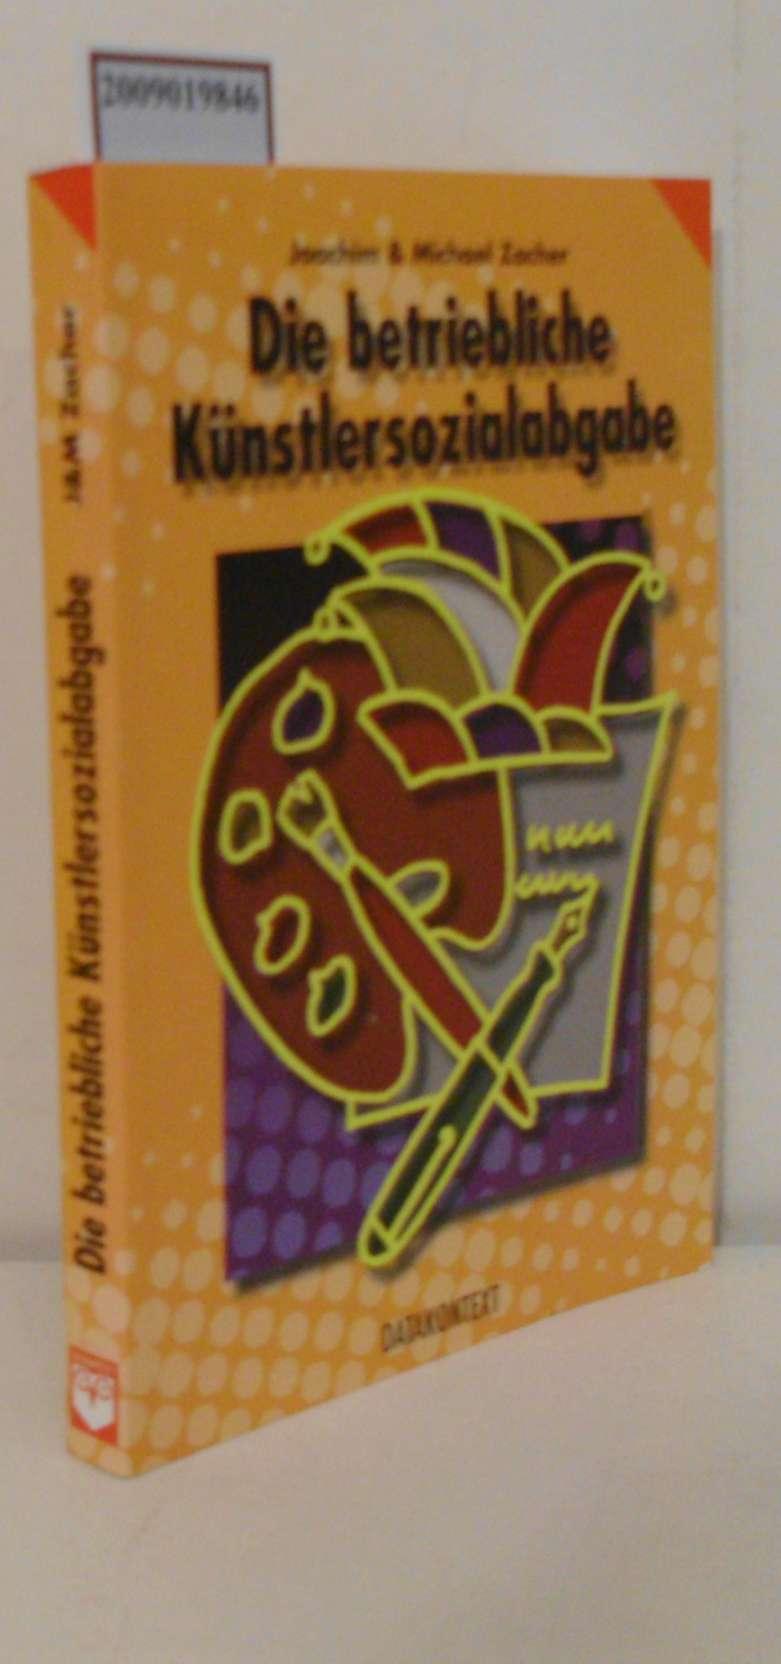 Betriebliche Künstlersozialabgaben 1998 Abgaben der Unternehmen für die Inanspruchnahme künstlerischer/publizistischer Leistungen/Werke